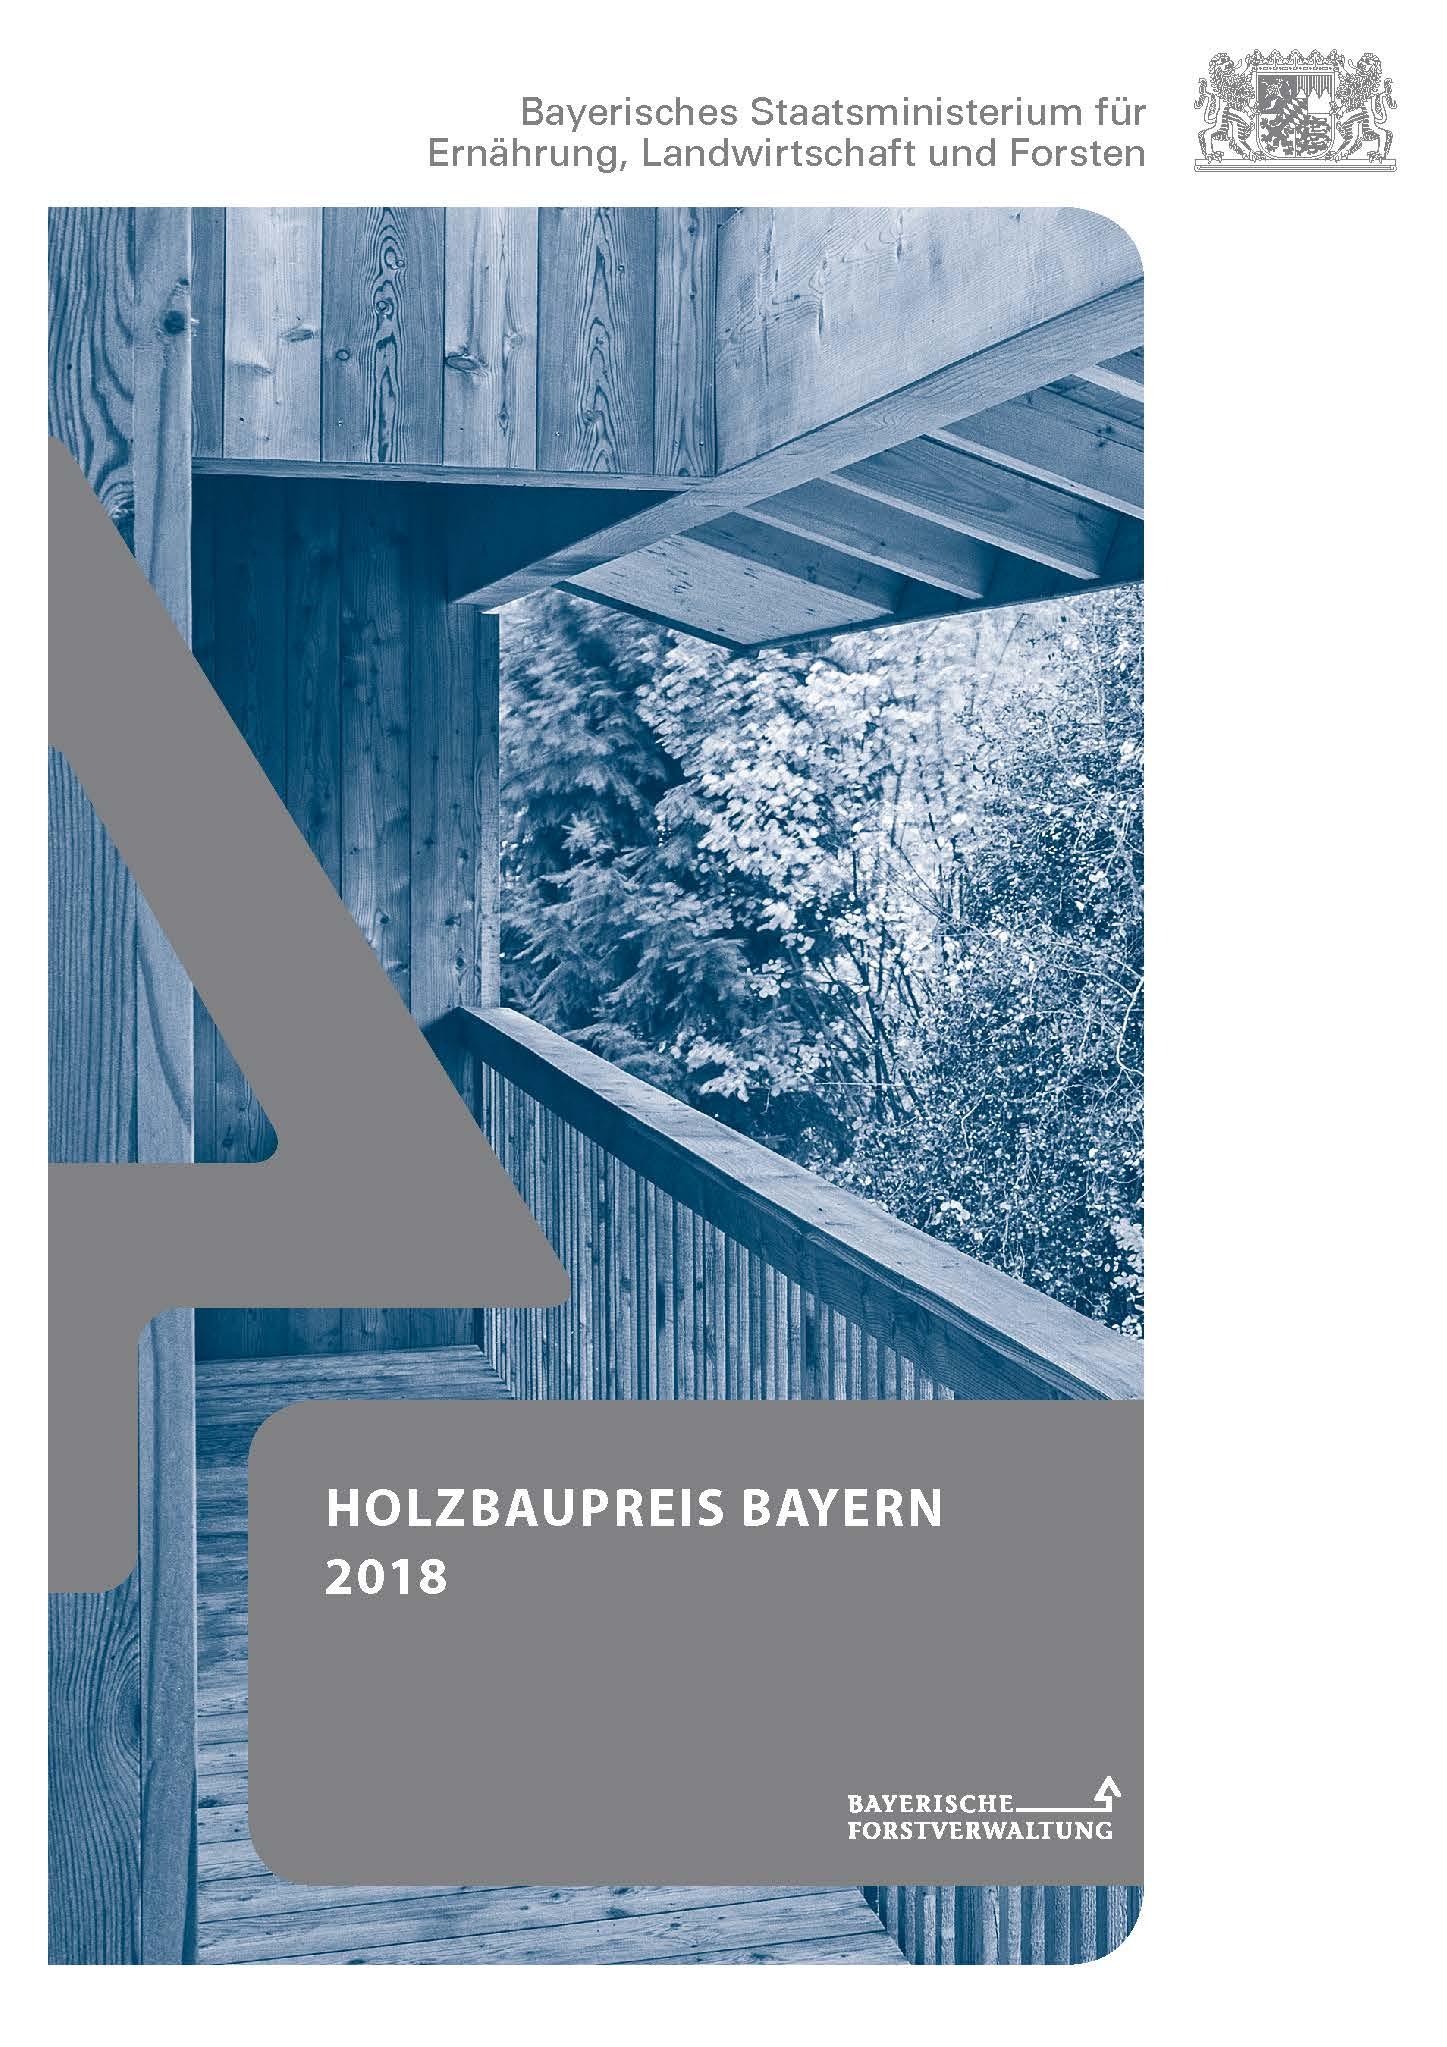 Holzbaupreis Bayern 2018